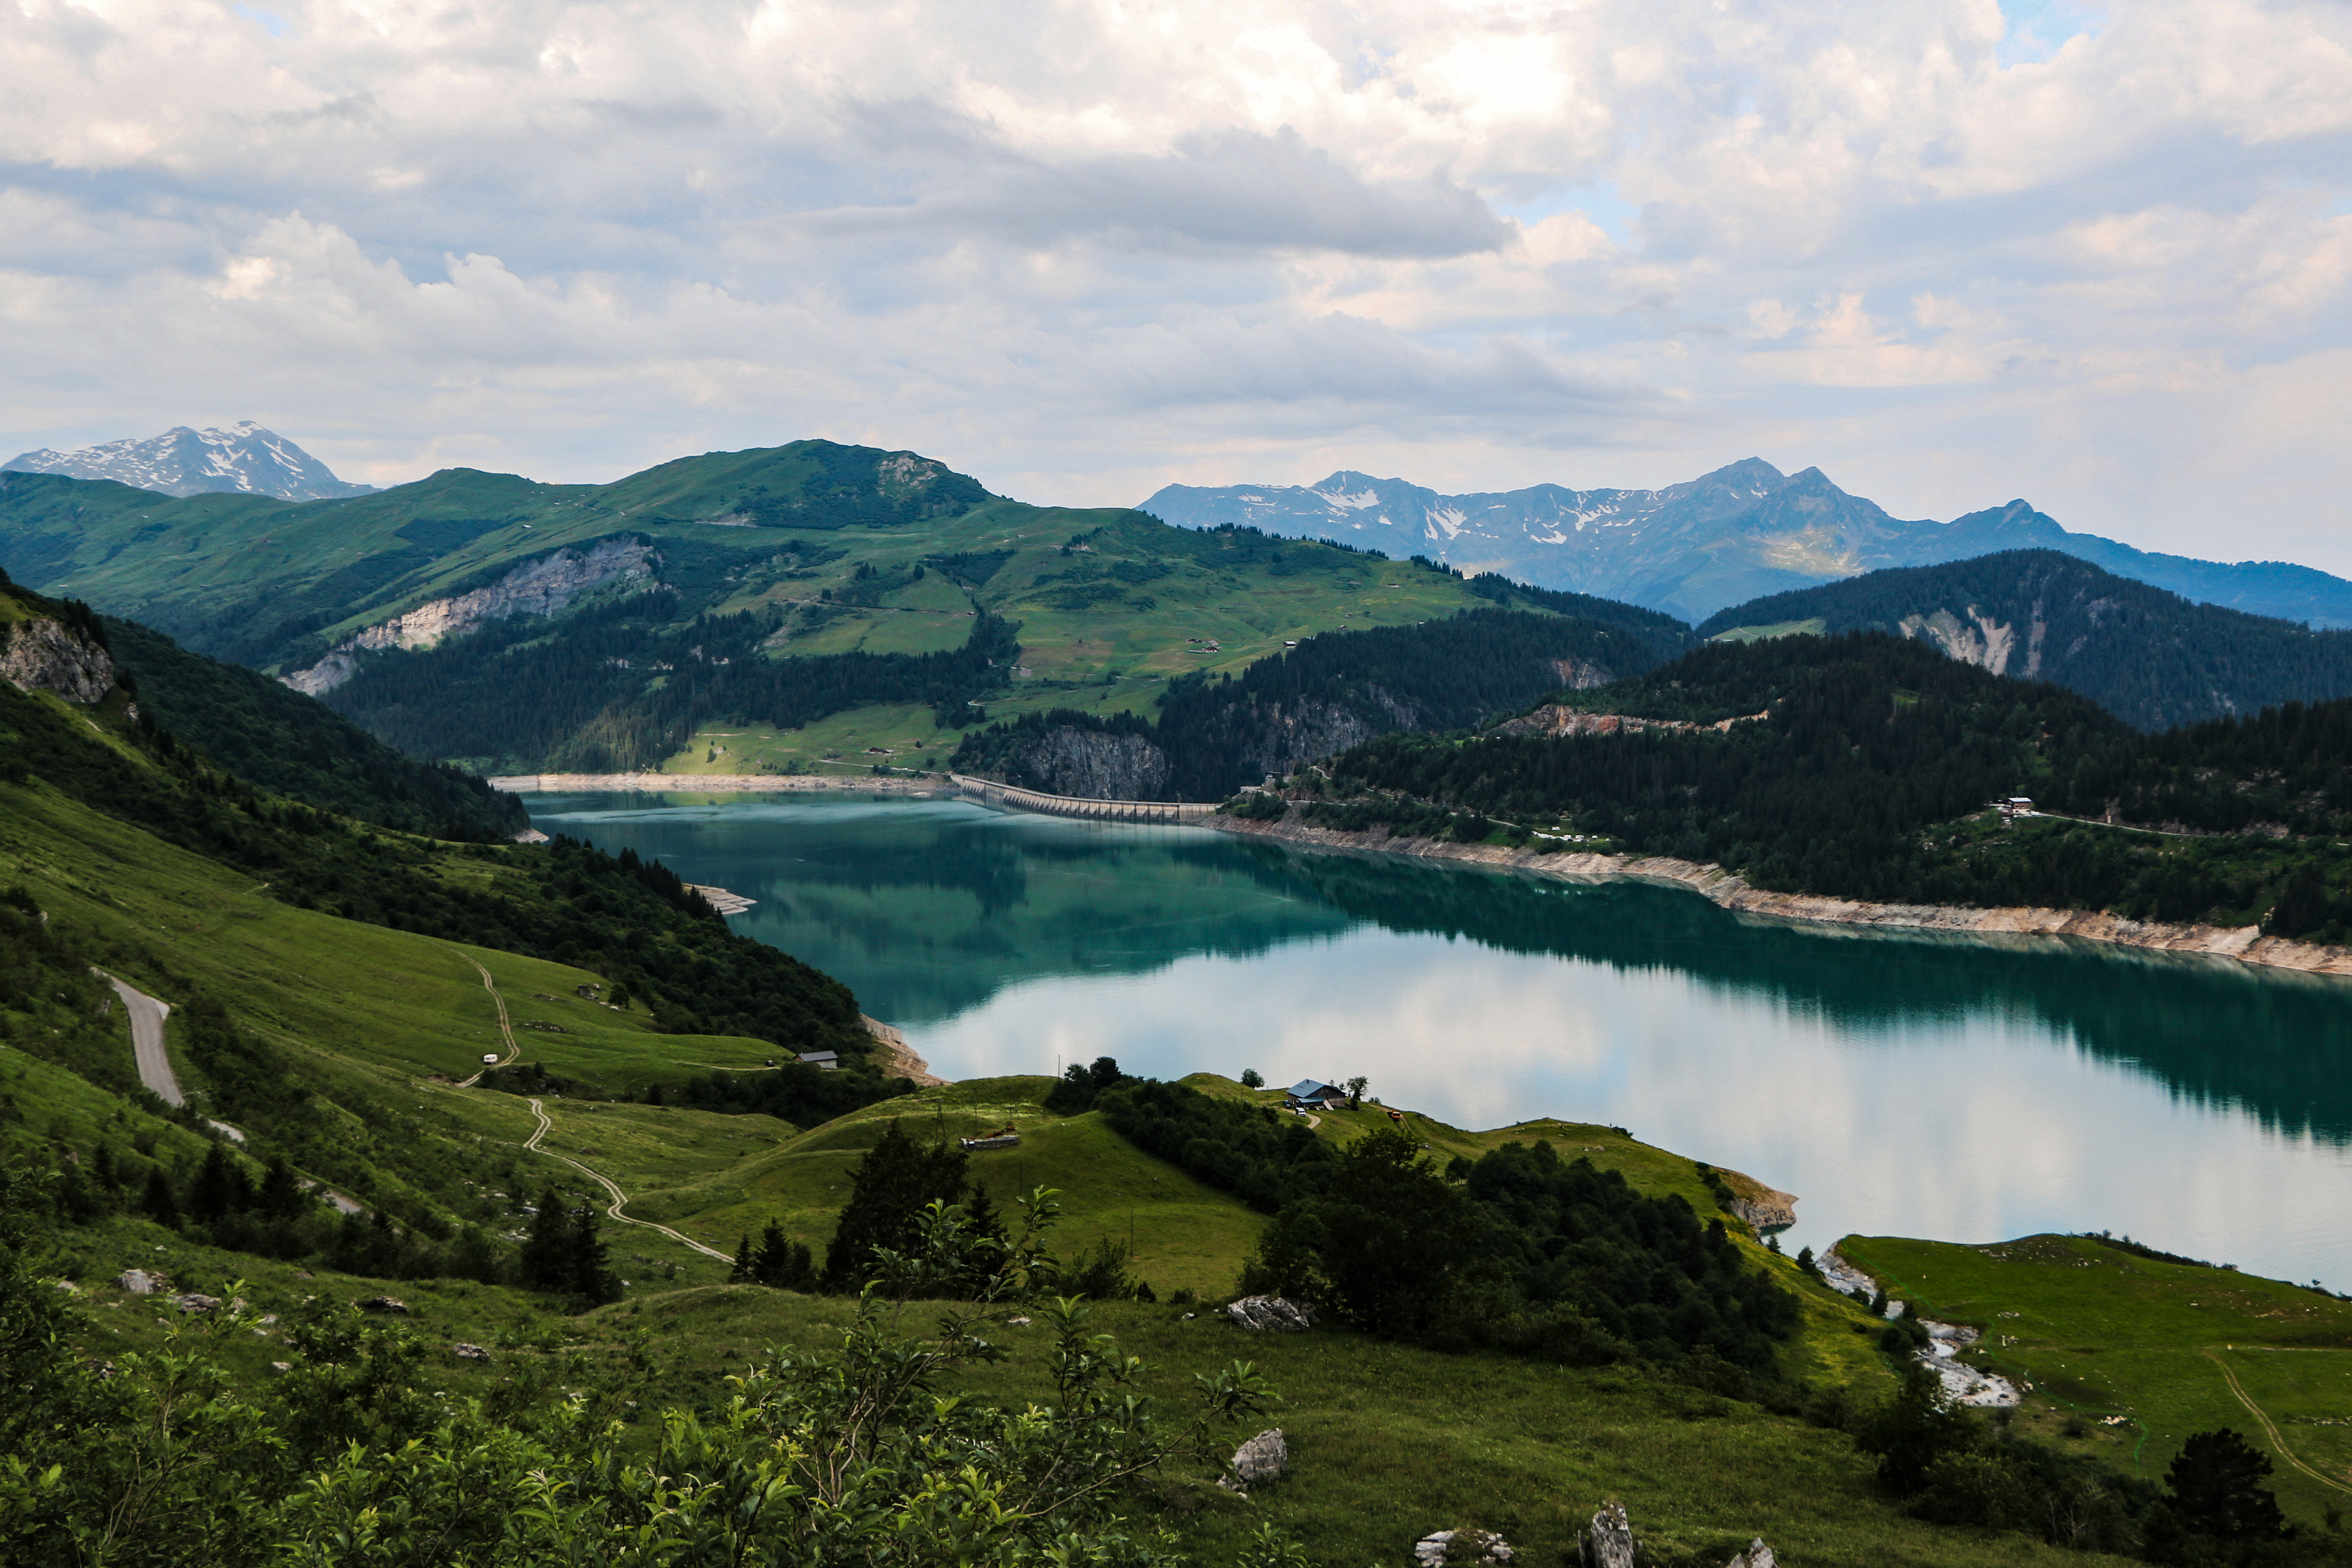 The Route des Grandes Alpes, France